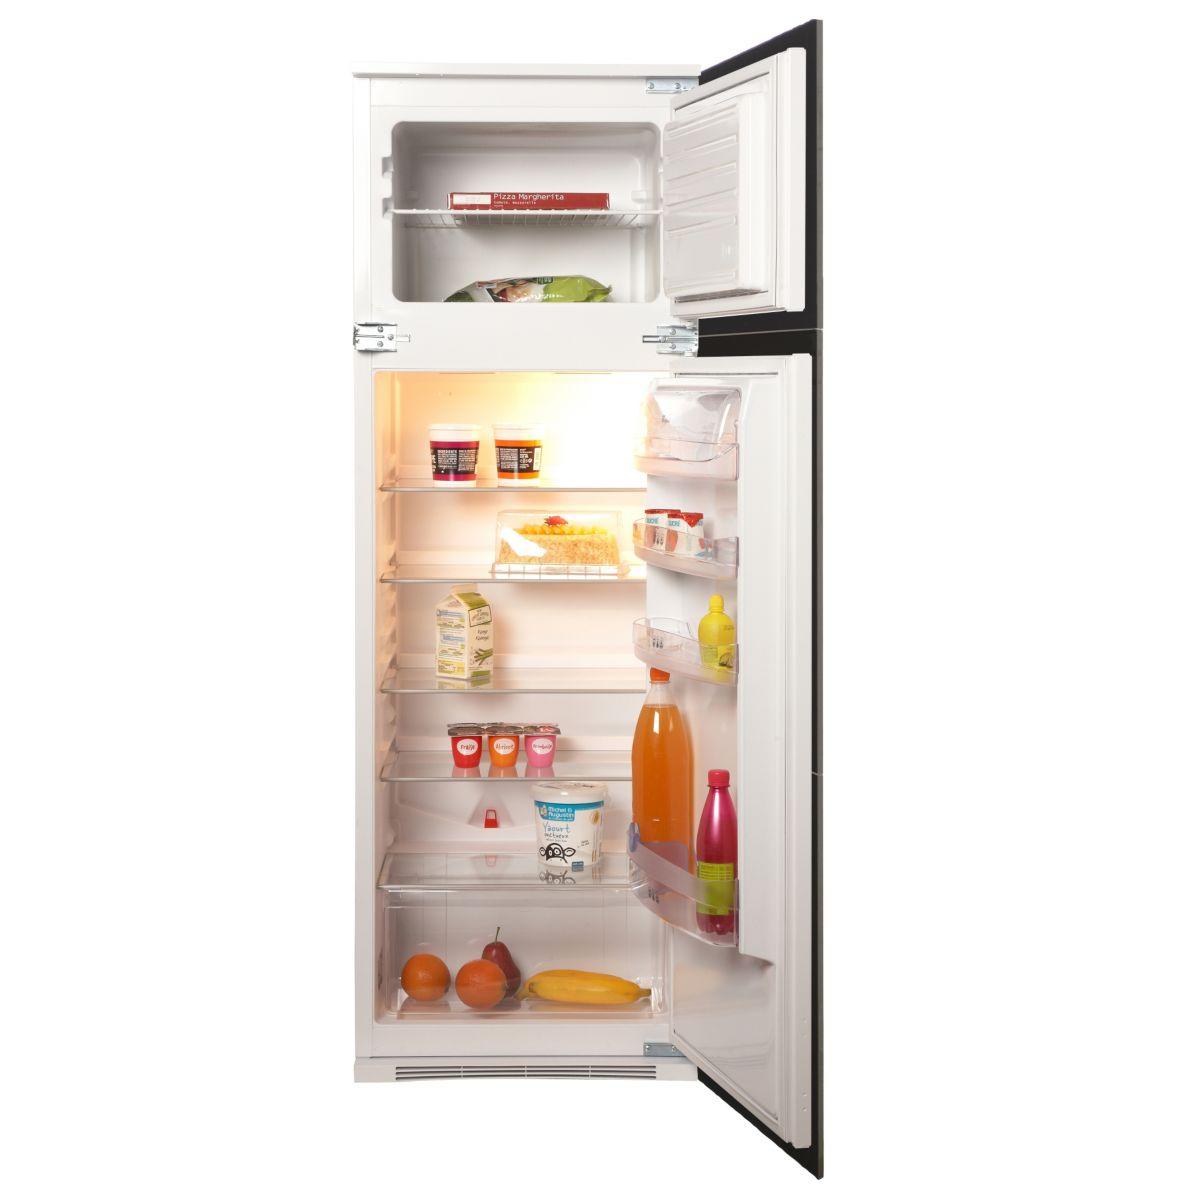 Réfrigérateur 2 portes encastrable WHIRLPOOL ART364/A+/5